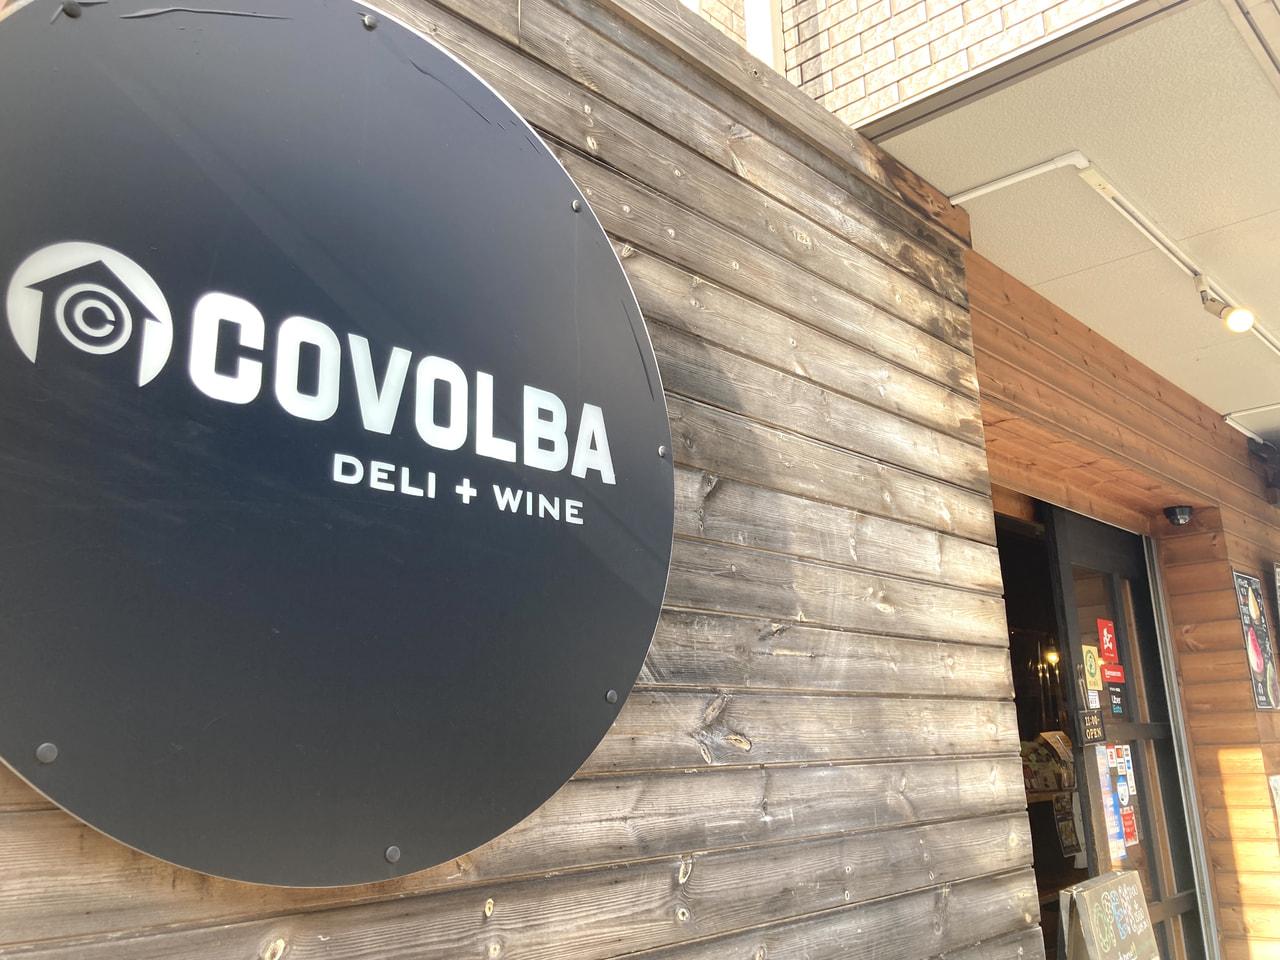 【スペアリブとケーキが自慢のカフェダイニング】〈COVOLBA〉には温かく迎えてくれるあっと